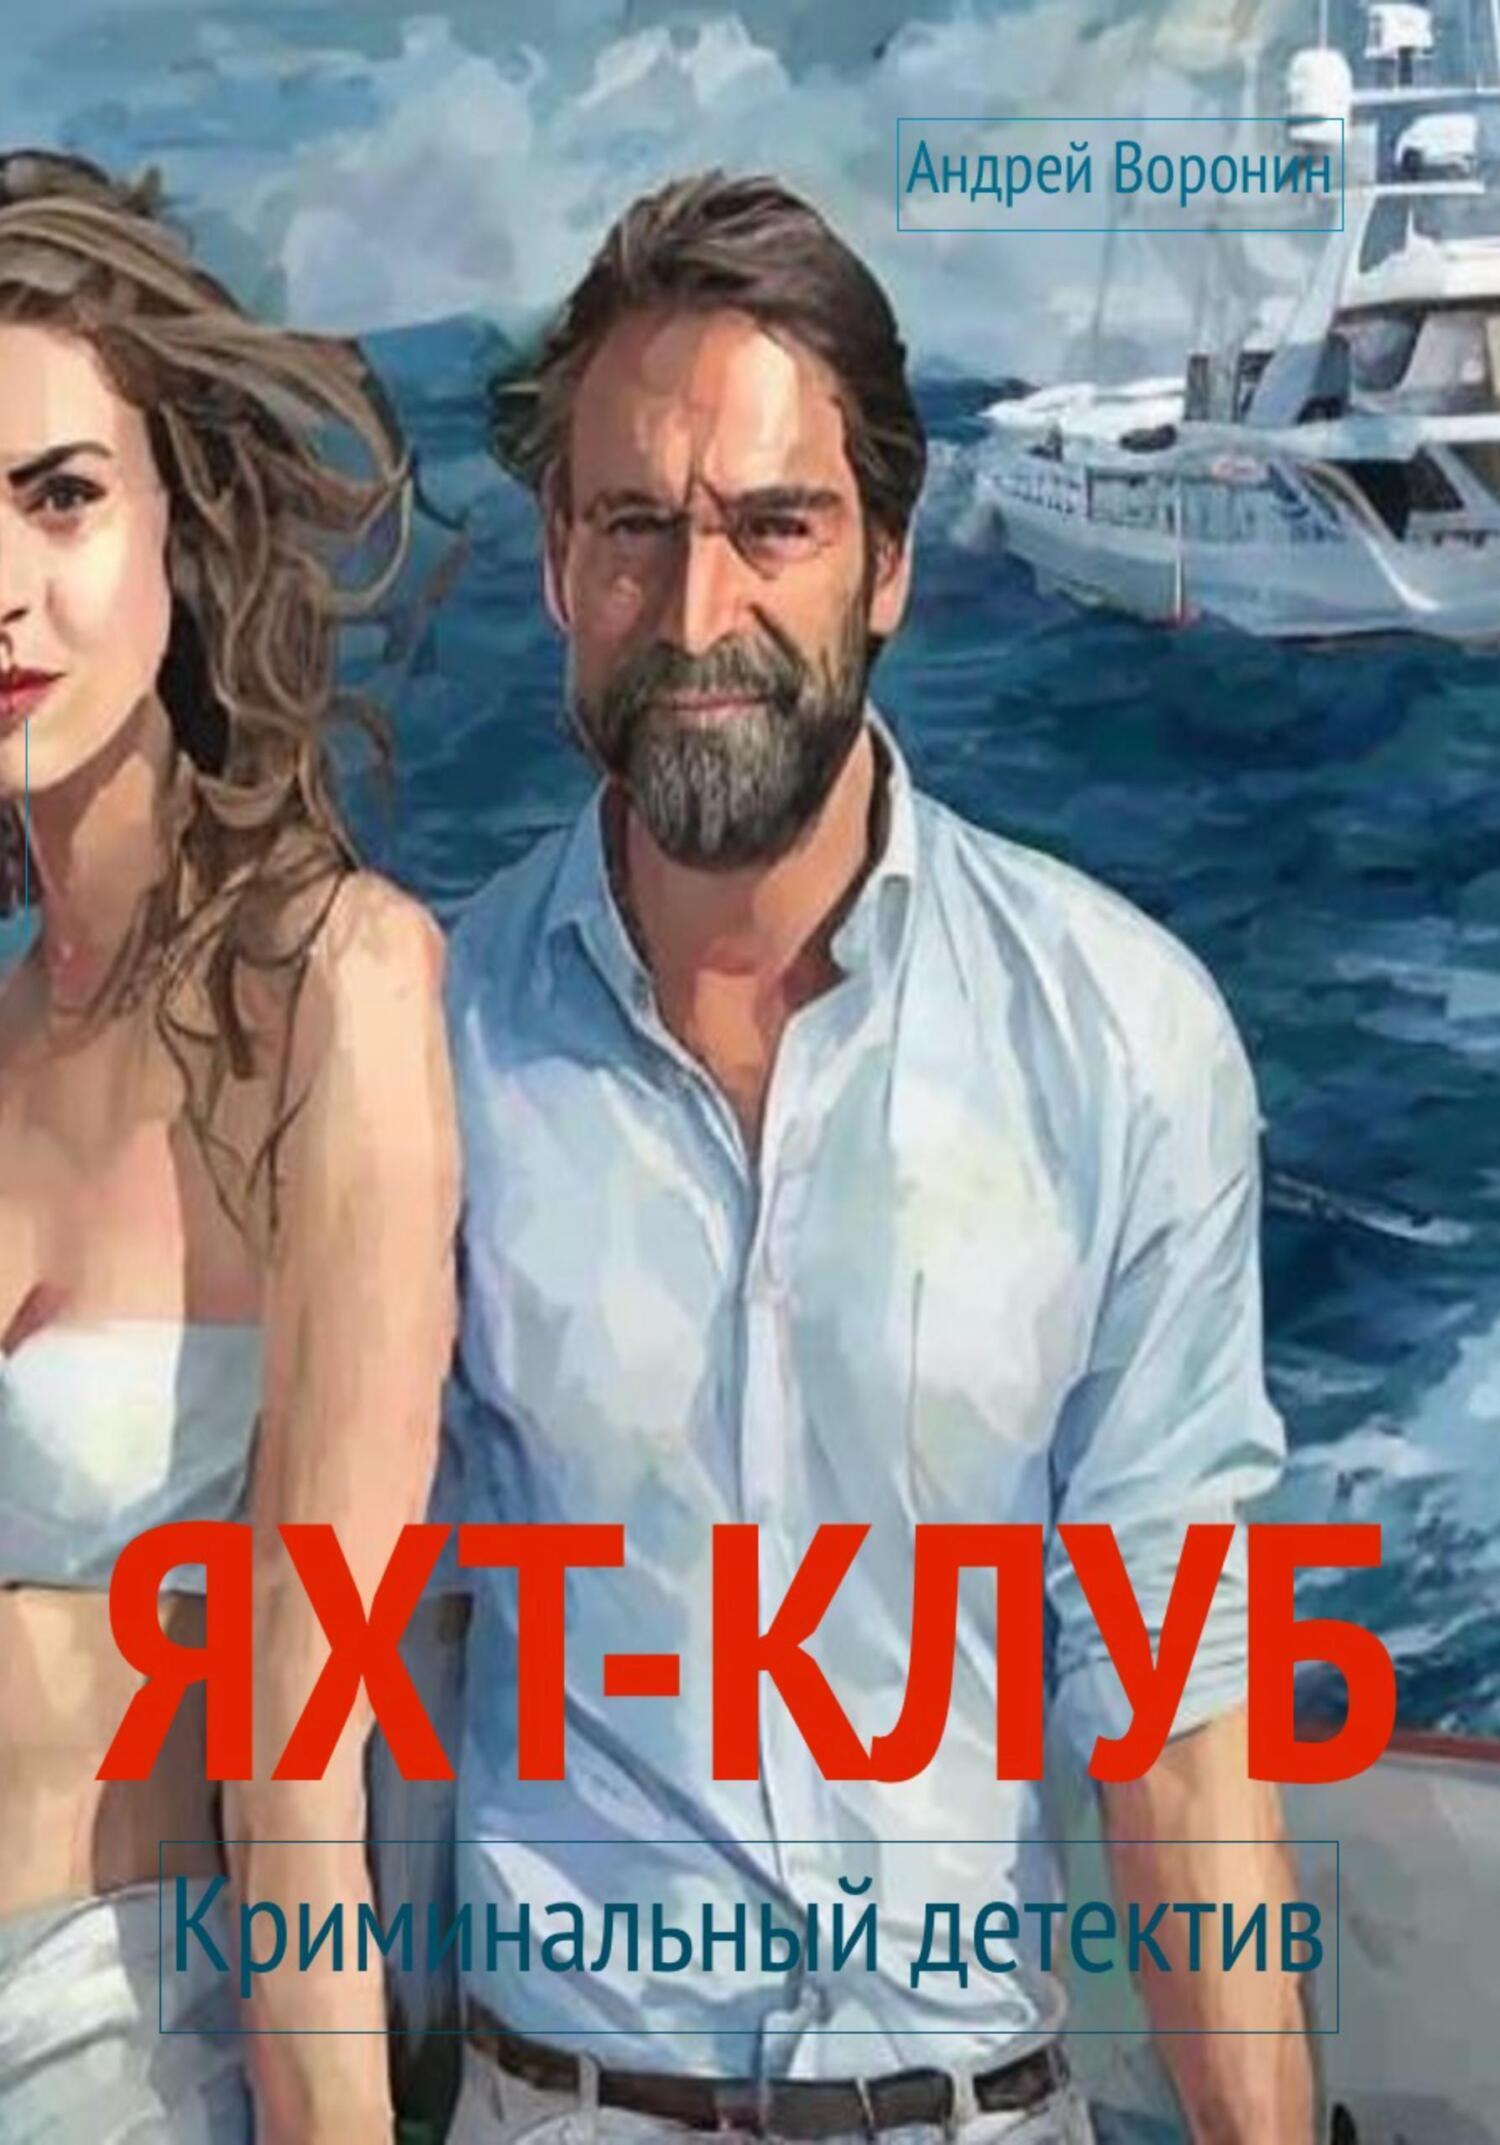 Купить книгу Яхт-клуб, автора Андрея Воронина